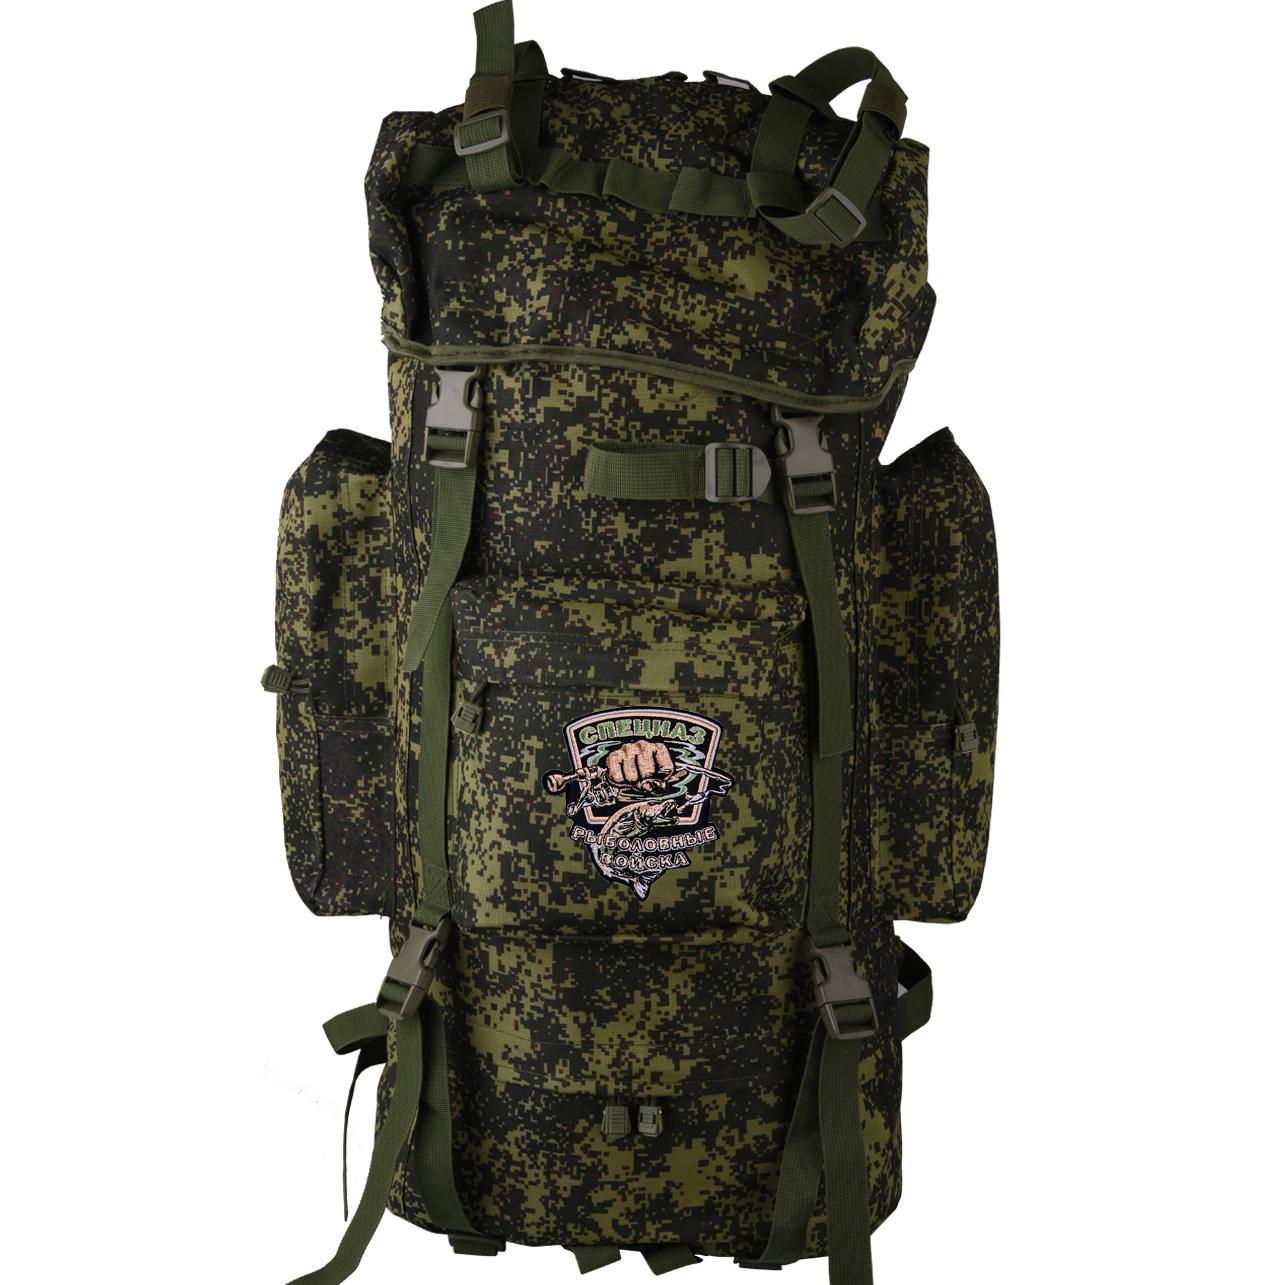 Вместительный камуфляжный рюкзак с нашивкой Рыболовный Спецназ - заказать с доставкой